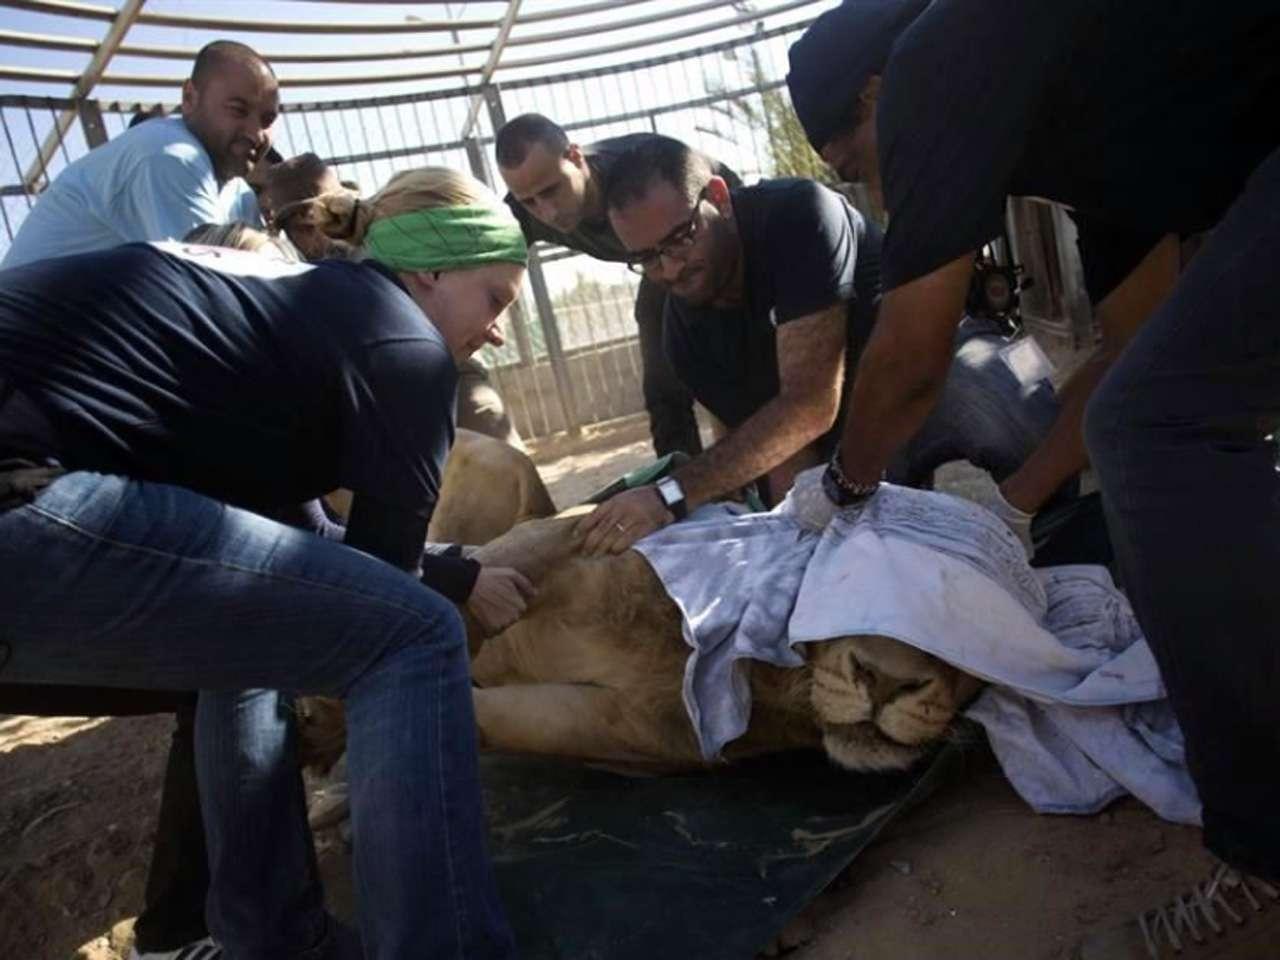 Los encargados del traslado y la ayuda son miembros de la organización Four Paws International Foto: AP en español